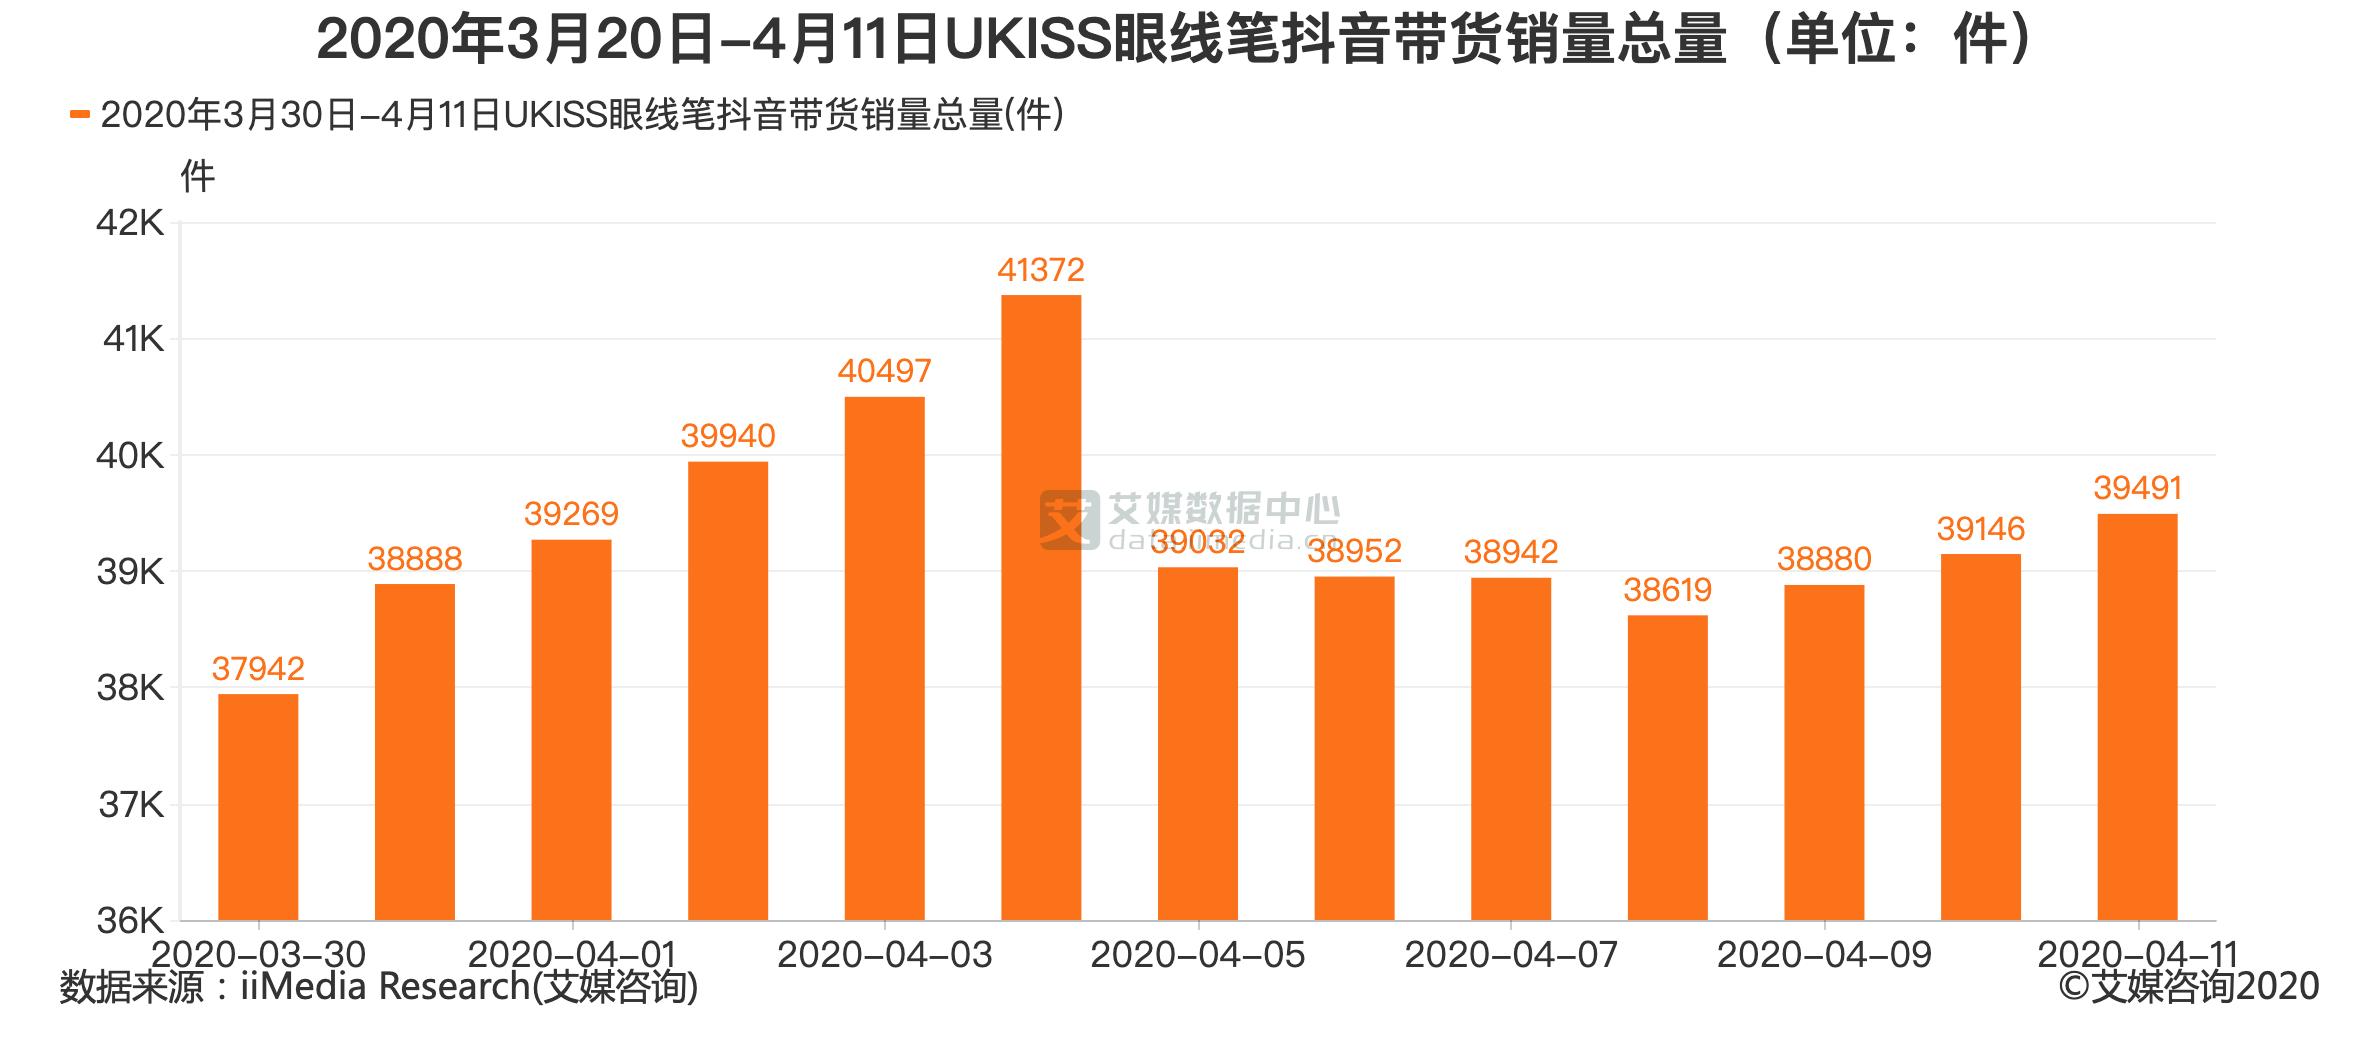 2020年3月20日-4月11日UKISS眼线笔抖音带货销量总量(单位:件)